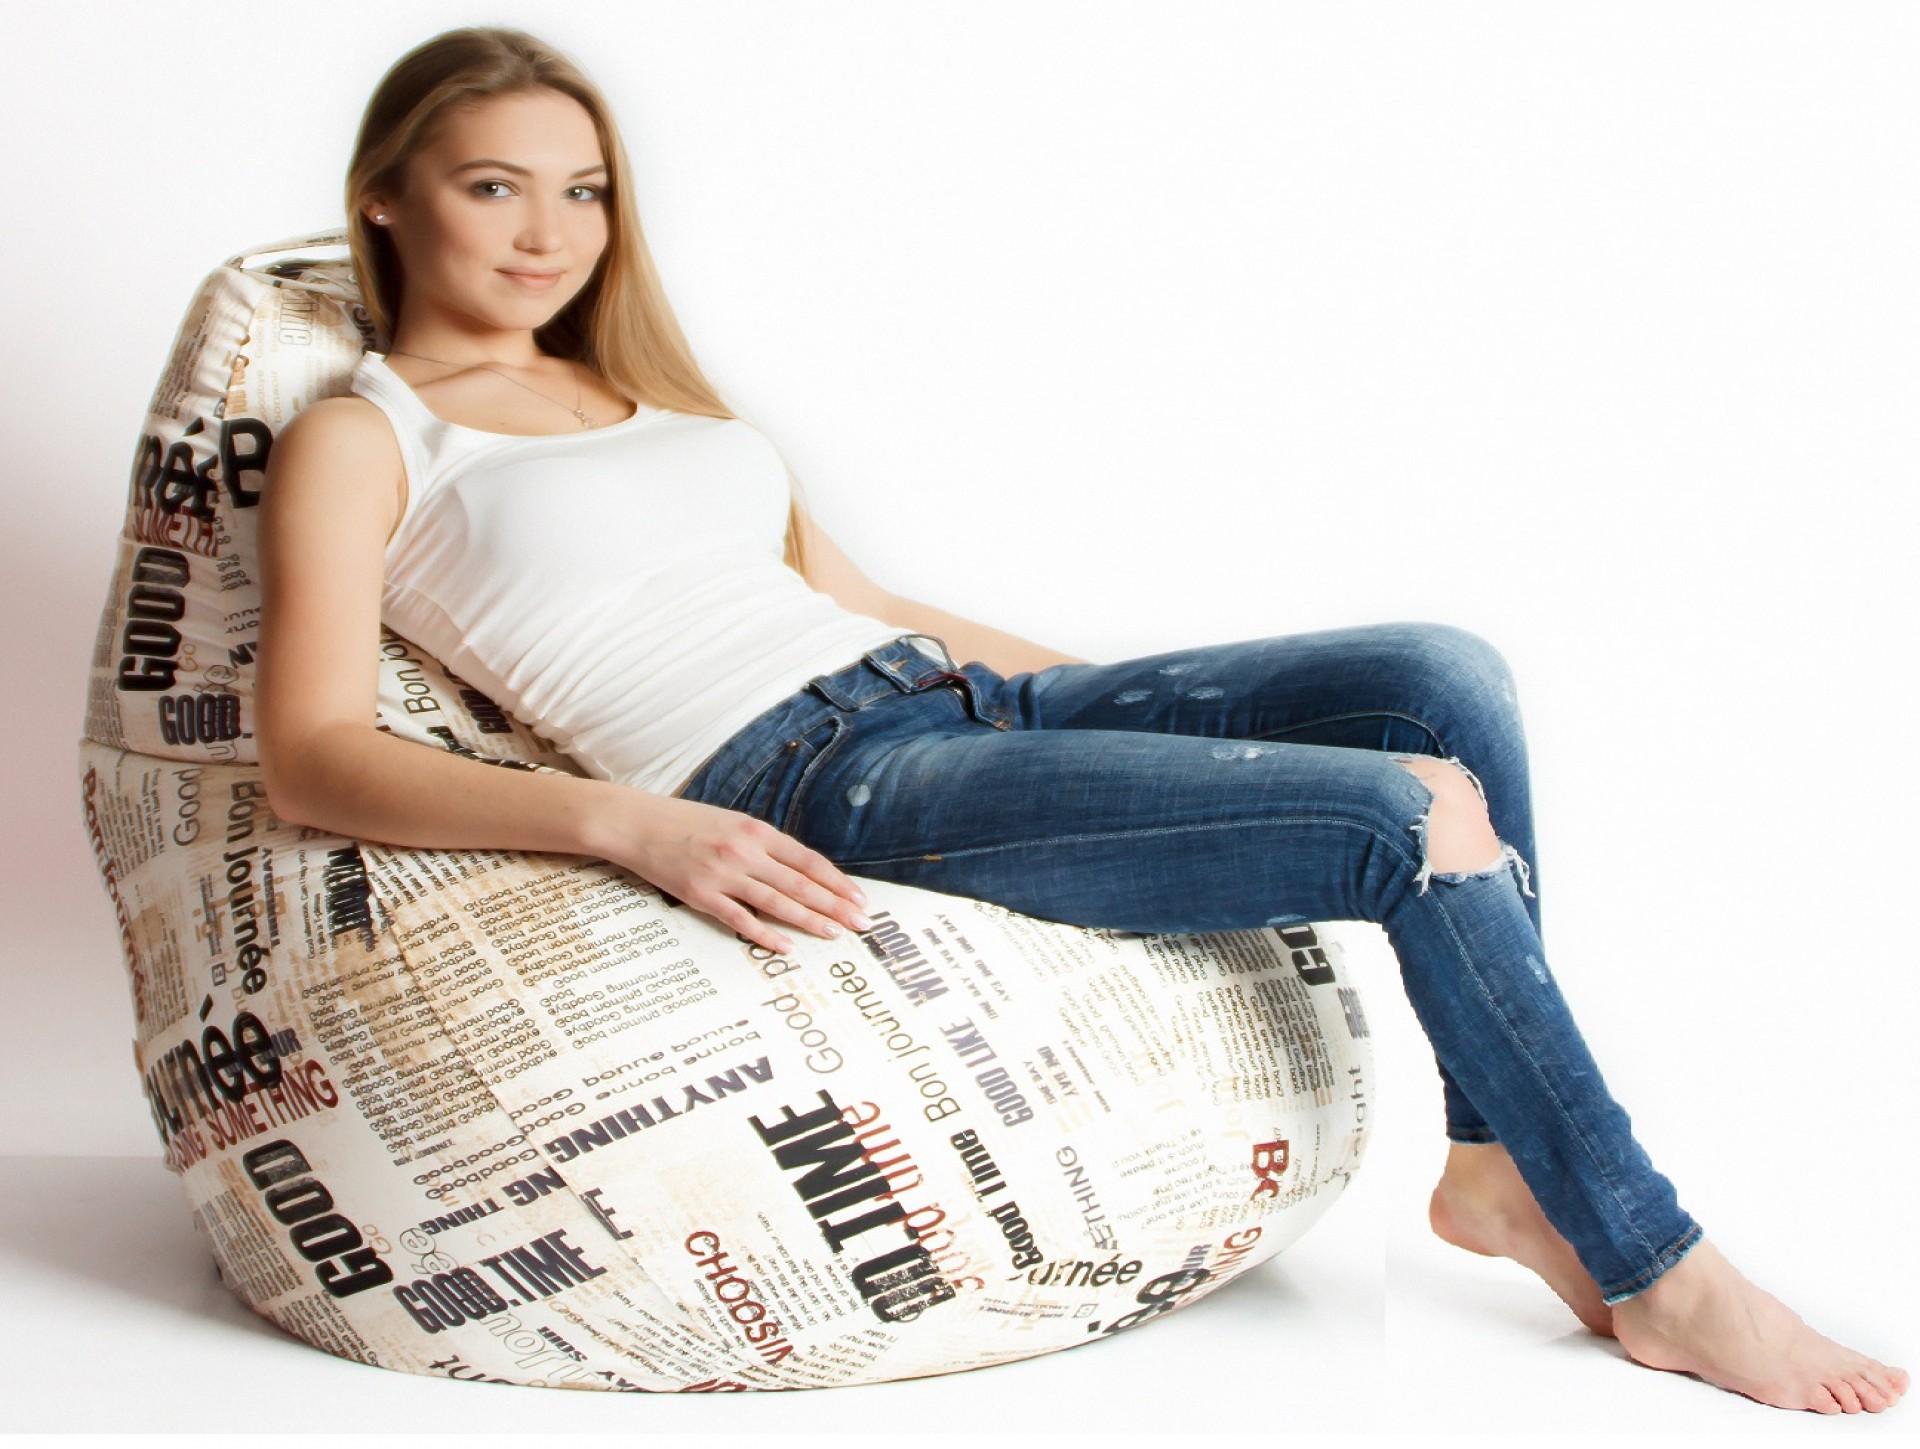 Кресло-мешок Бонжорно приобрести в Томске